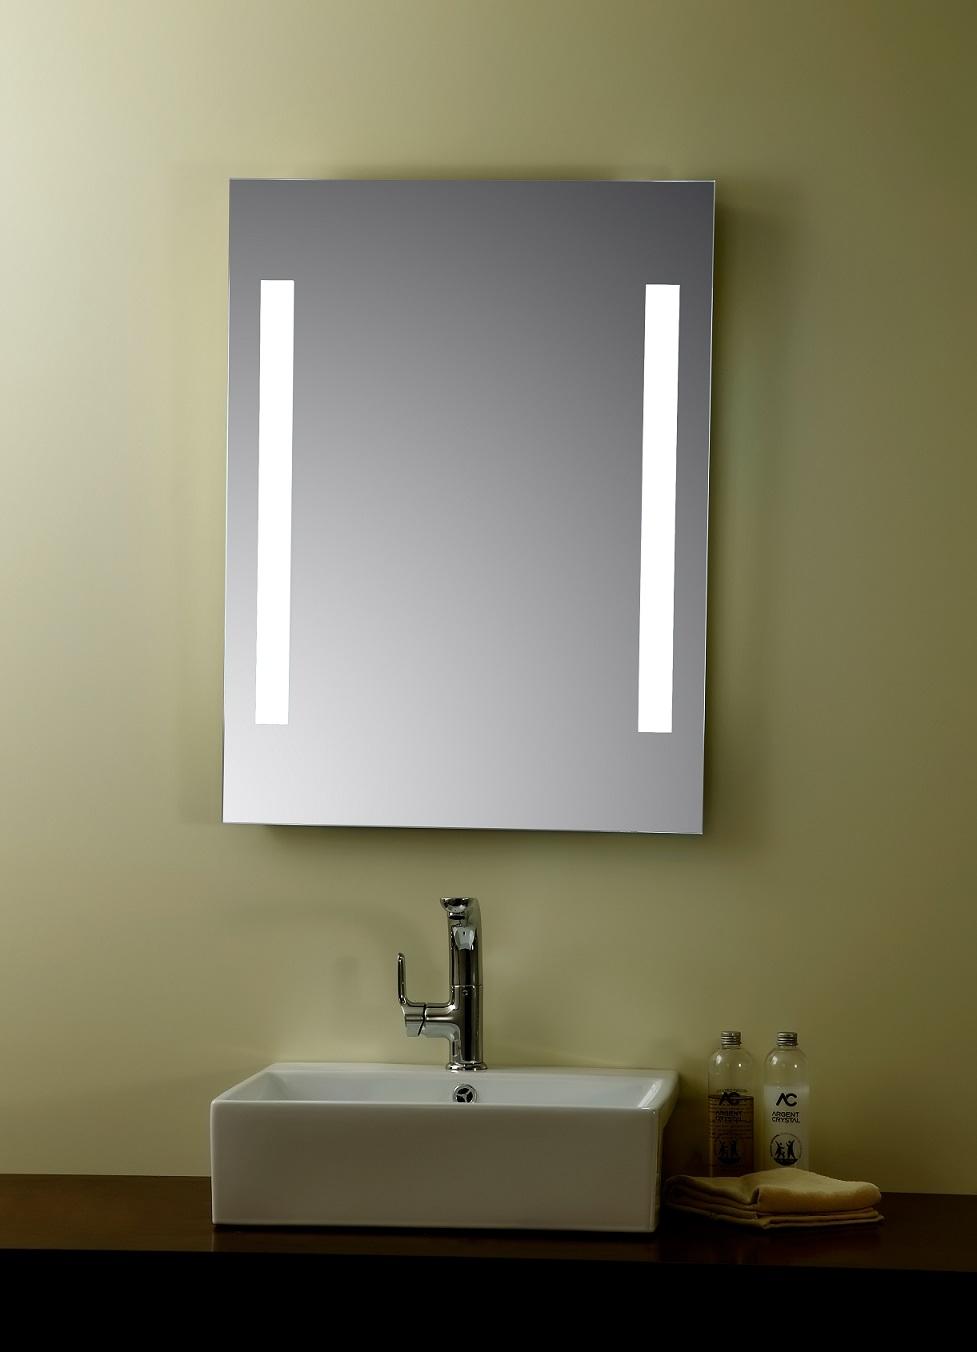 Bathroom Vanity Mirrors Lighted